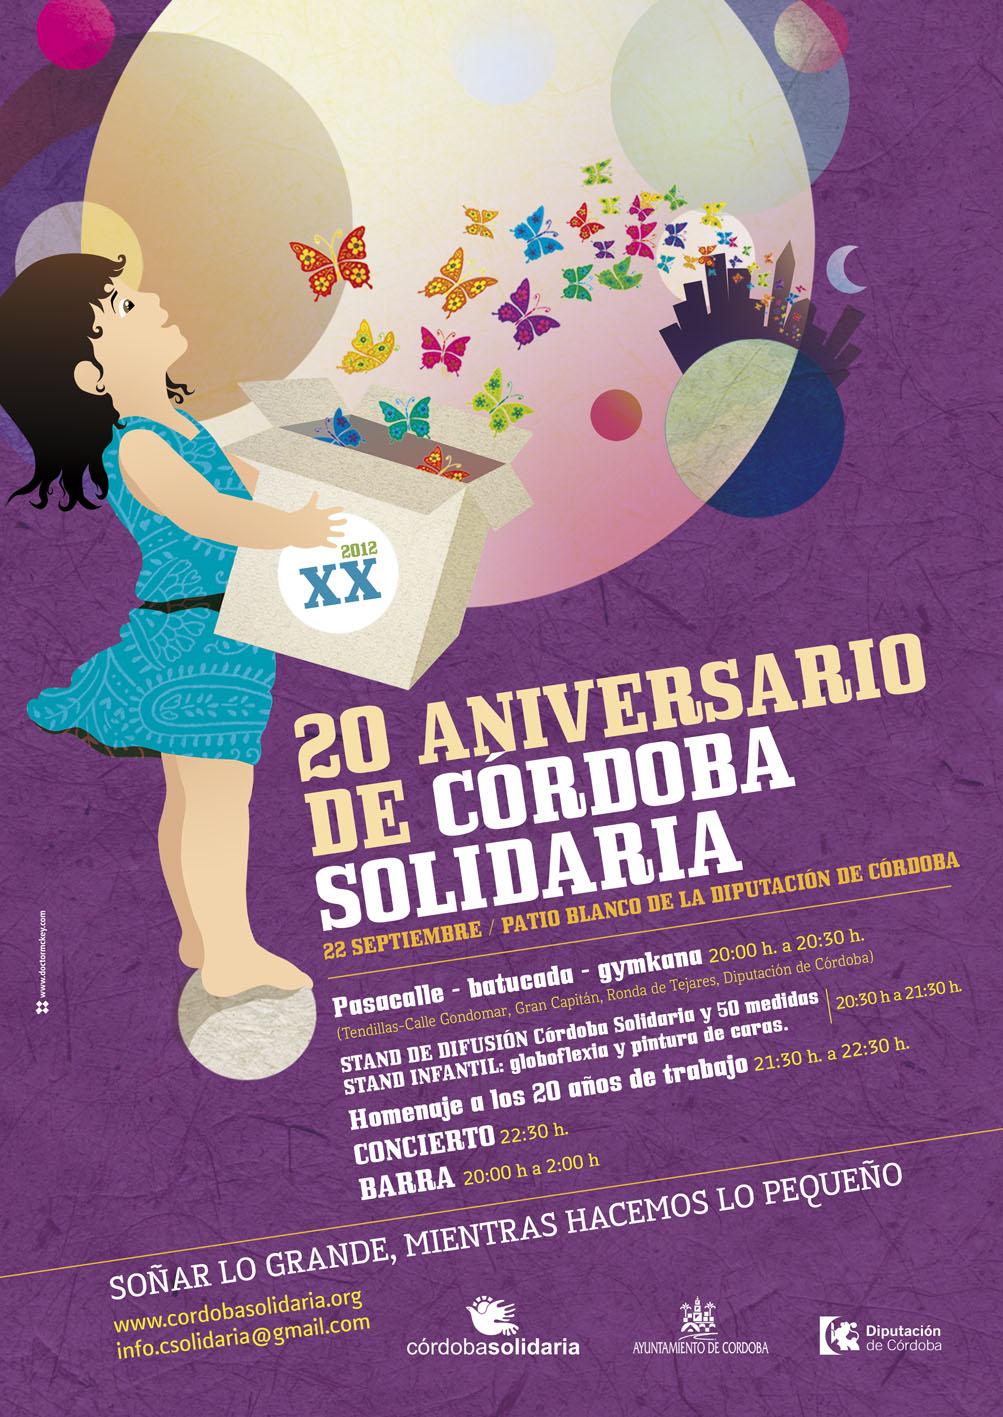 Córdoba Solidaria conmemora su 20 Aniversario